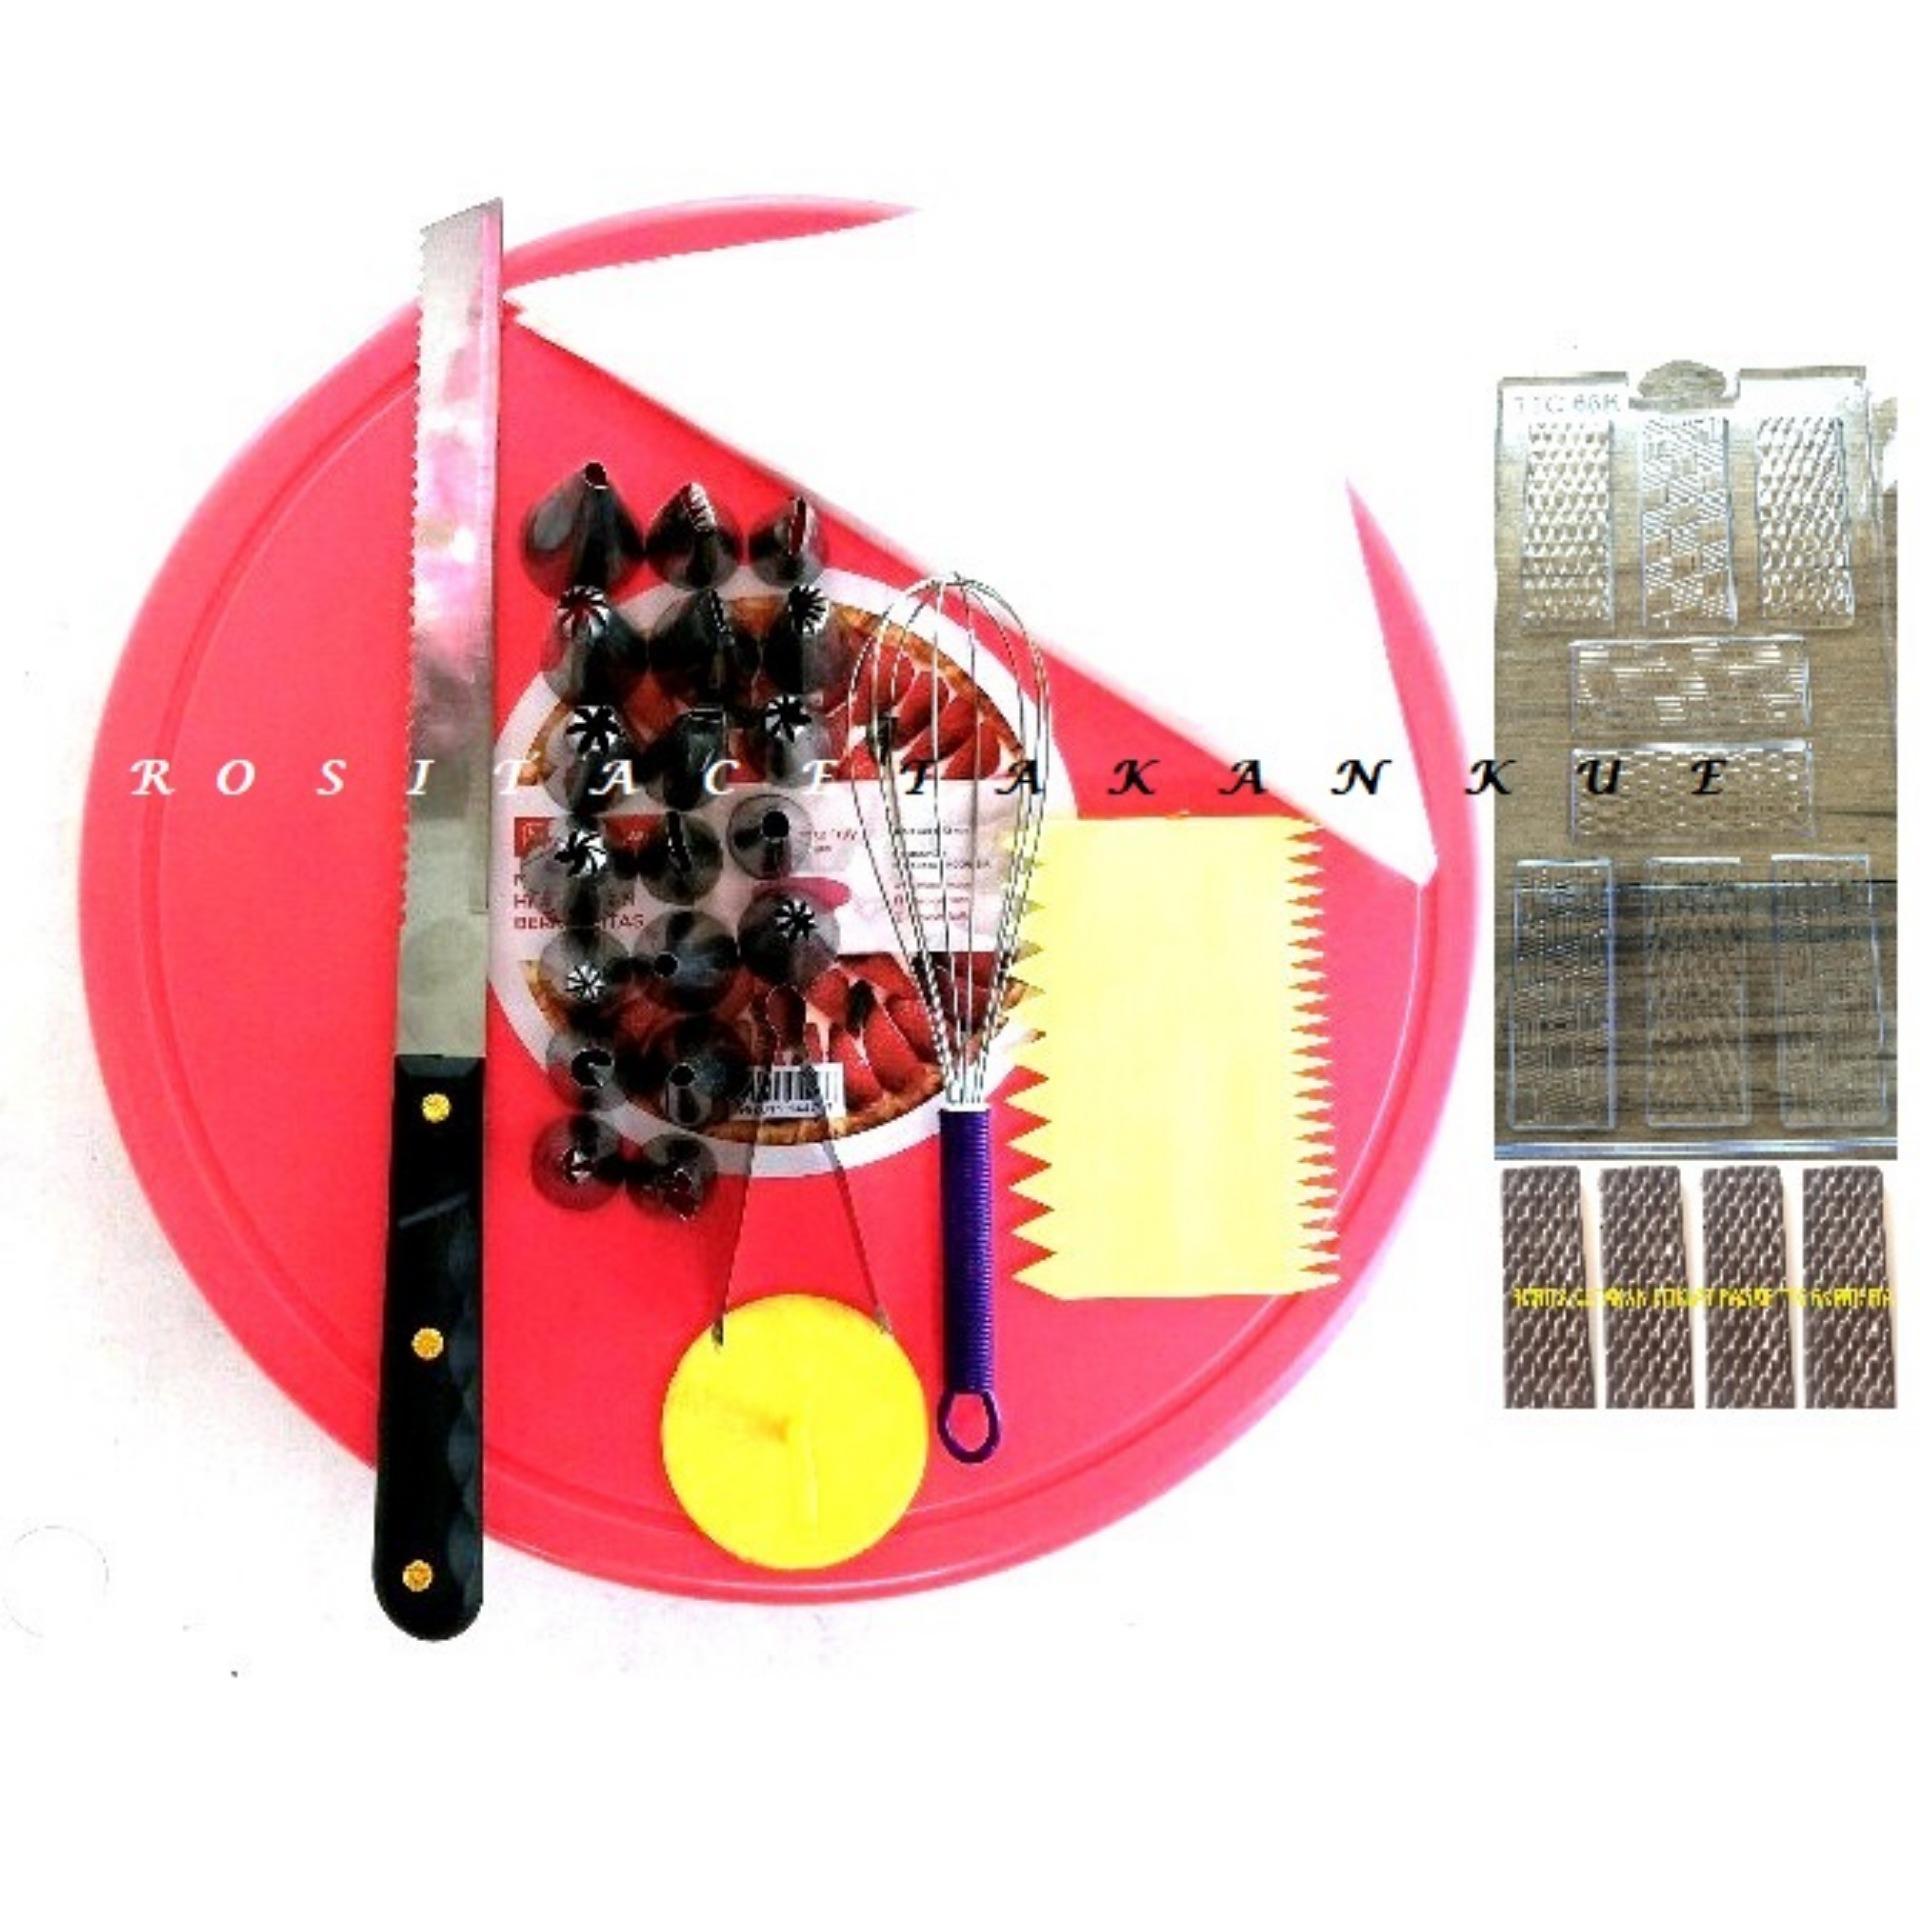 Harga Rosita Set Alat Hias Kue Meja Putar Spuit Set Whisker Scraper Cetakan Coklat Spatula Piping Bag Paku Payung Yang Murah Dan Bagus